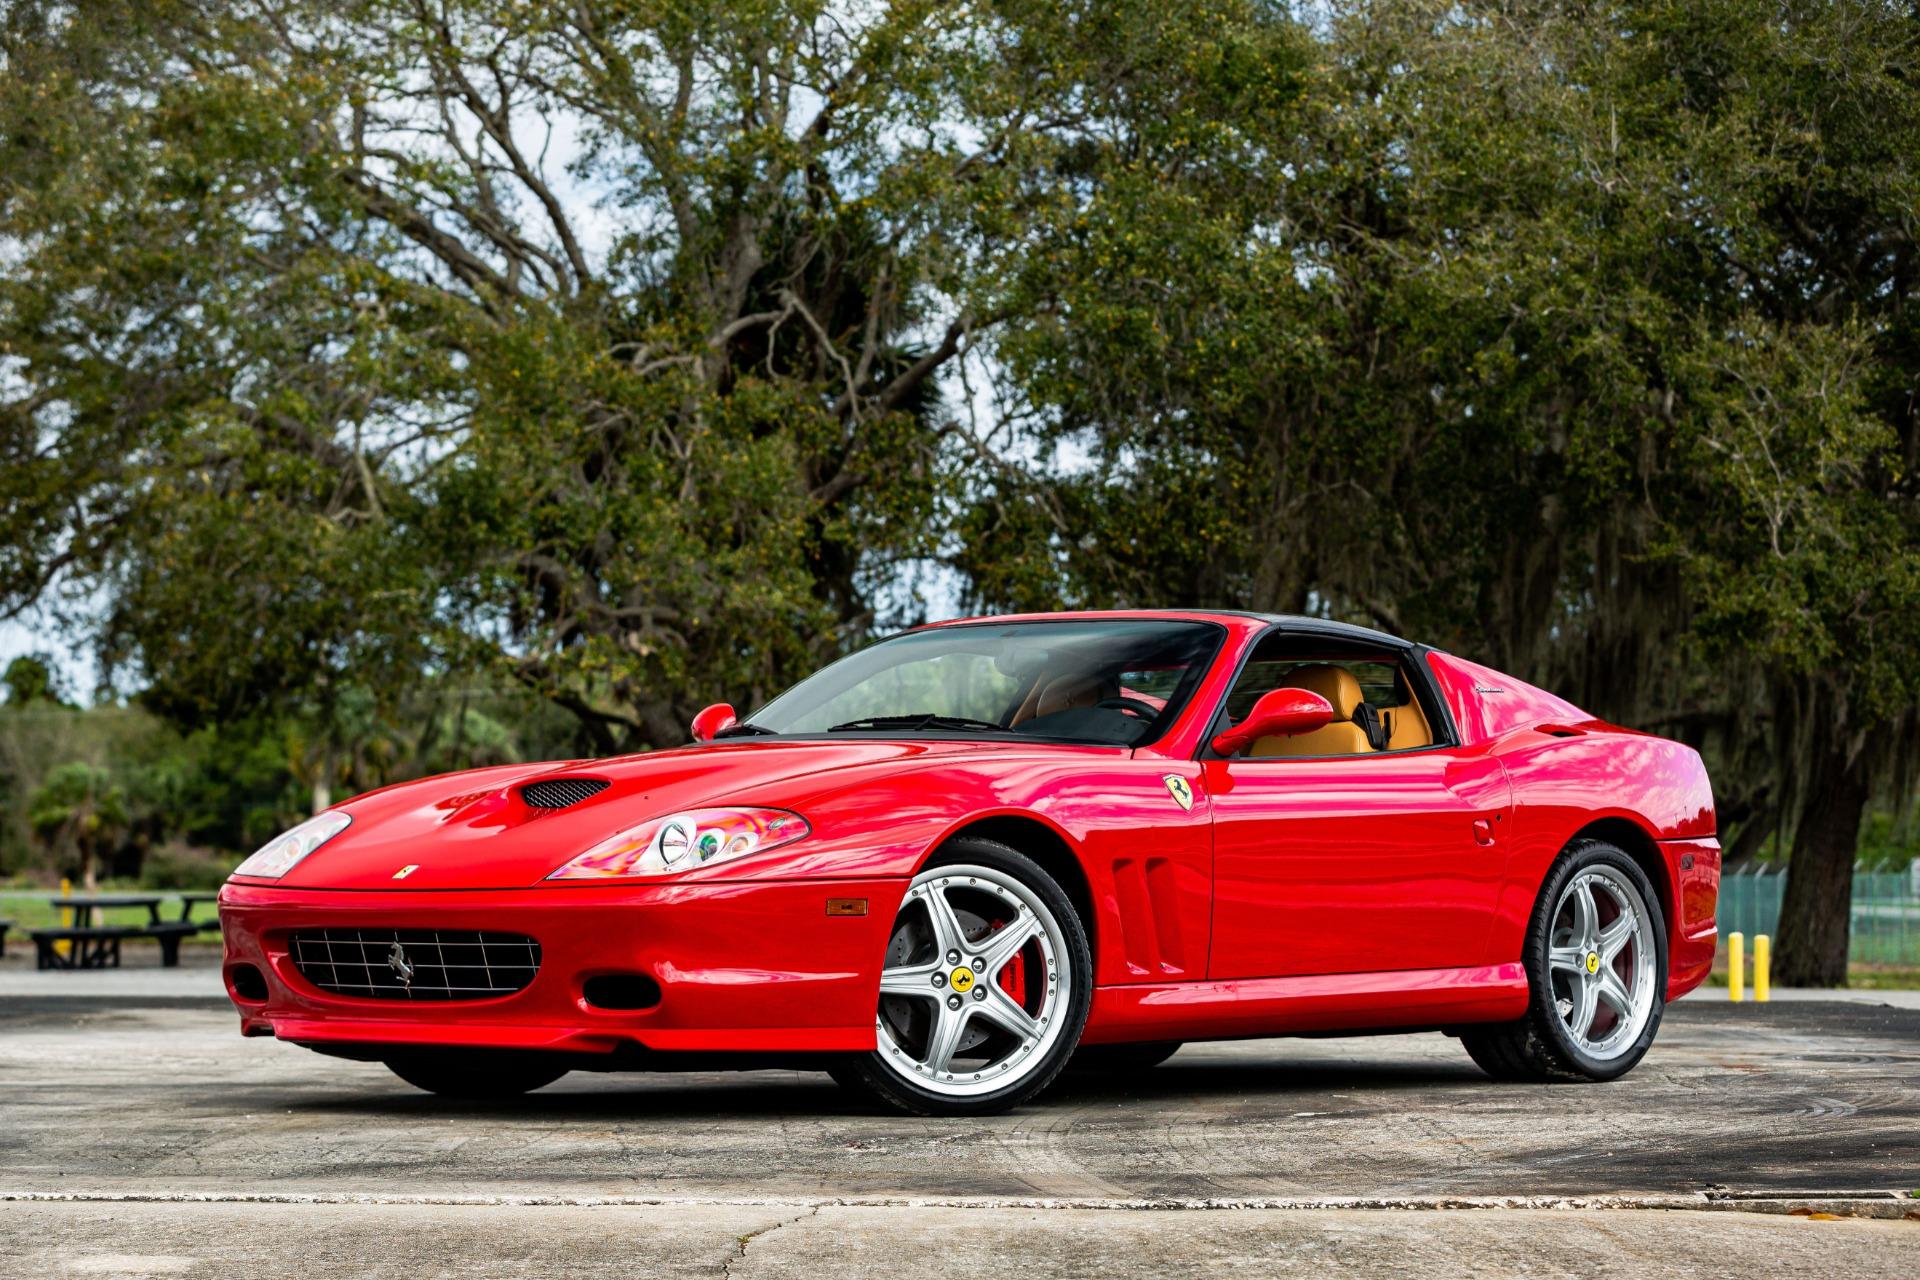 Used 2005 Ferrari Superamerica for sale $288,880 at McLaren Orlando LLC in Titusville FL 32780 1